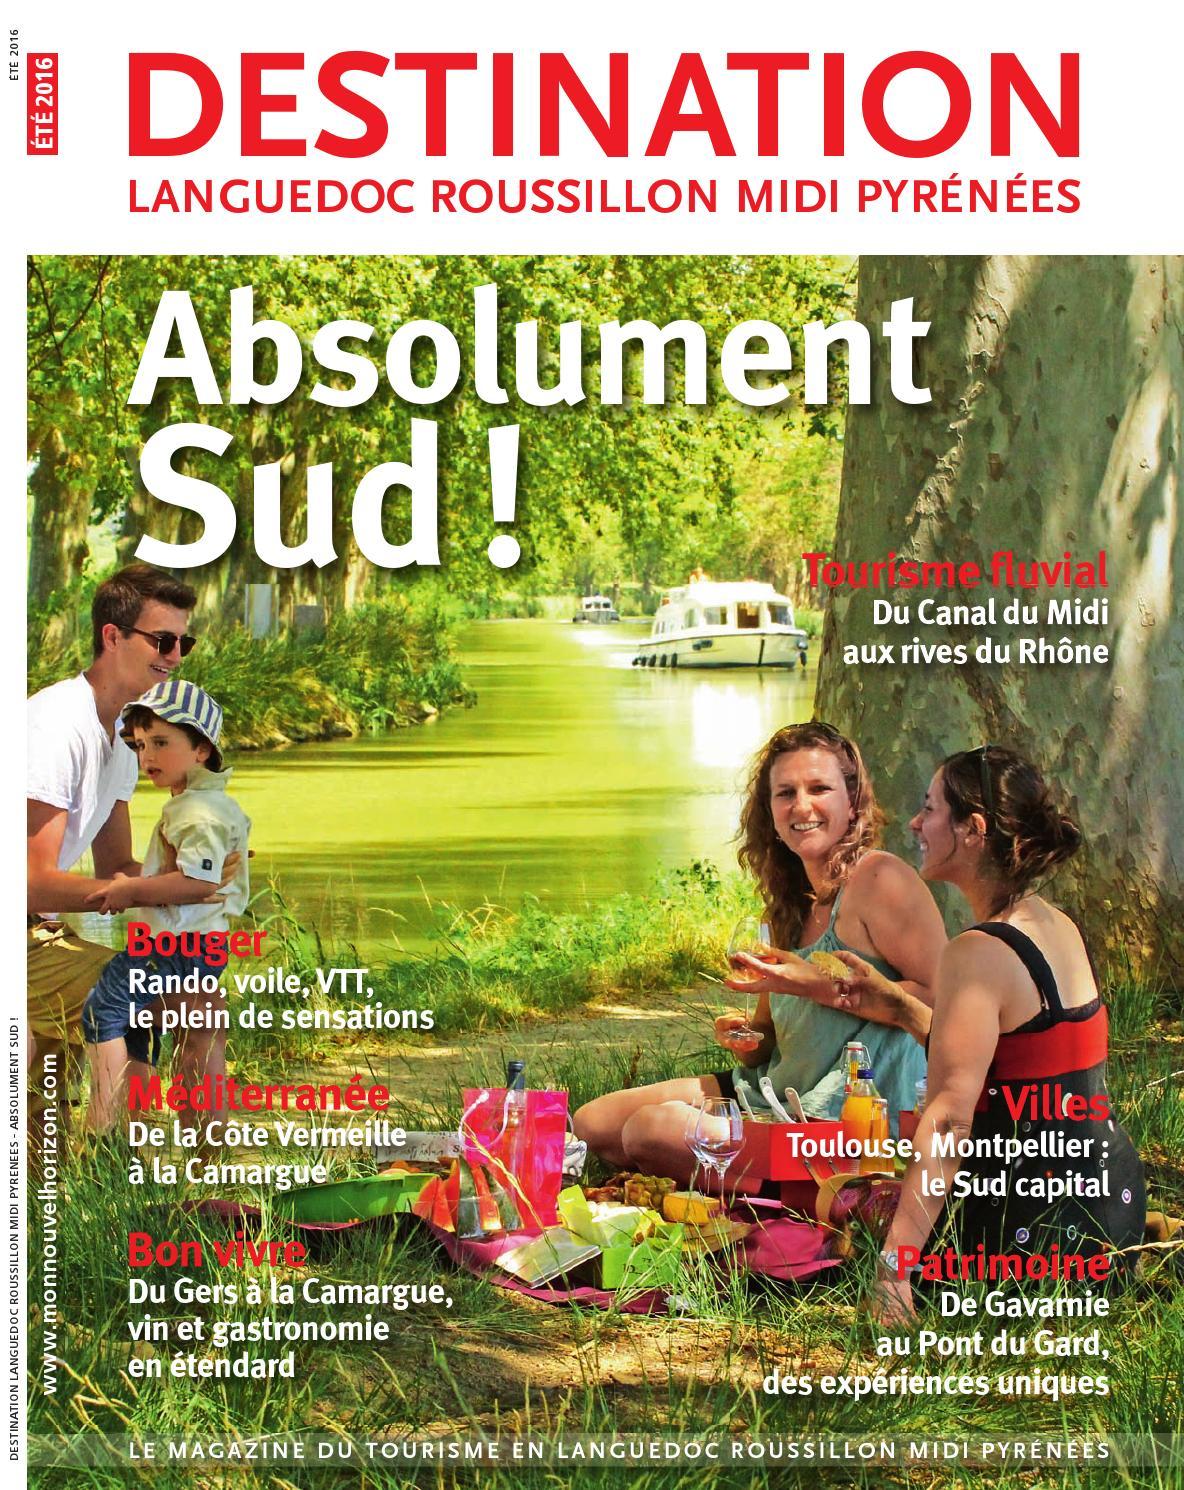 Destination Languedoc Roussillon Midi Pyrénées - Eté 2016 by Sud de France  Développement - issuu c4c395e9000